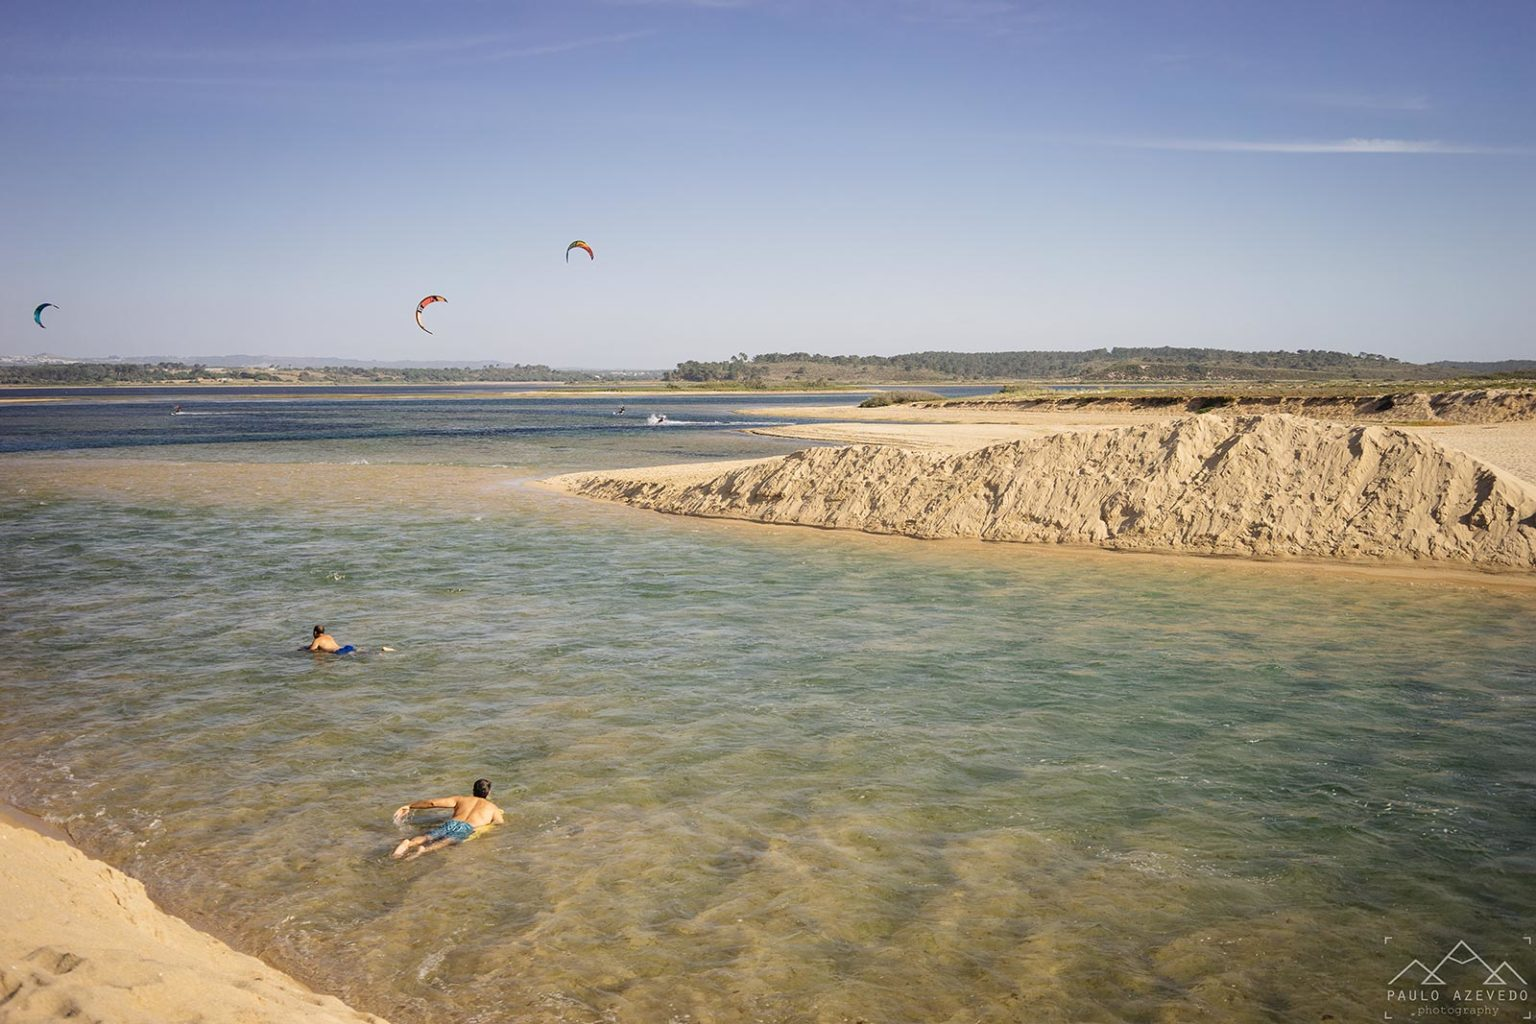 Abertura da Lagoa de Santo André ao mar